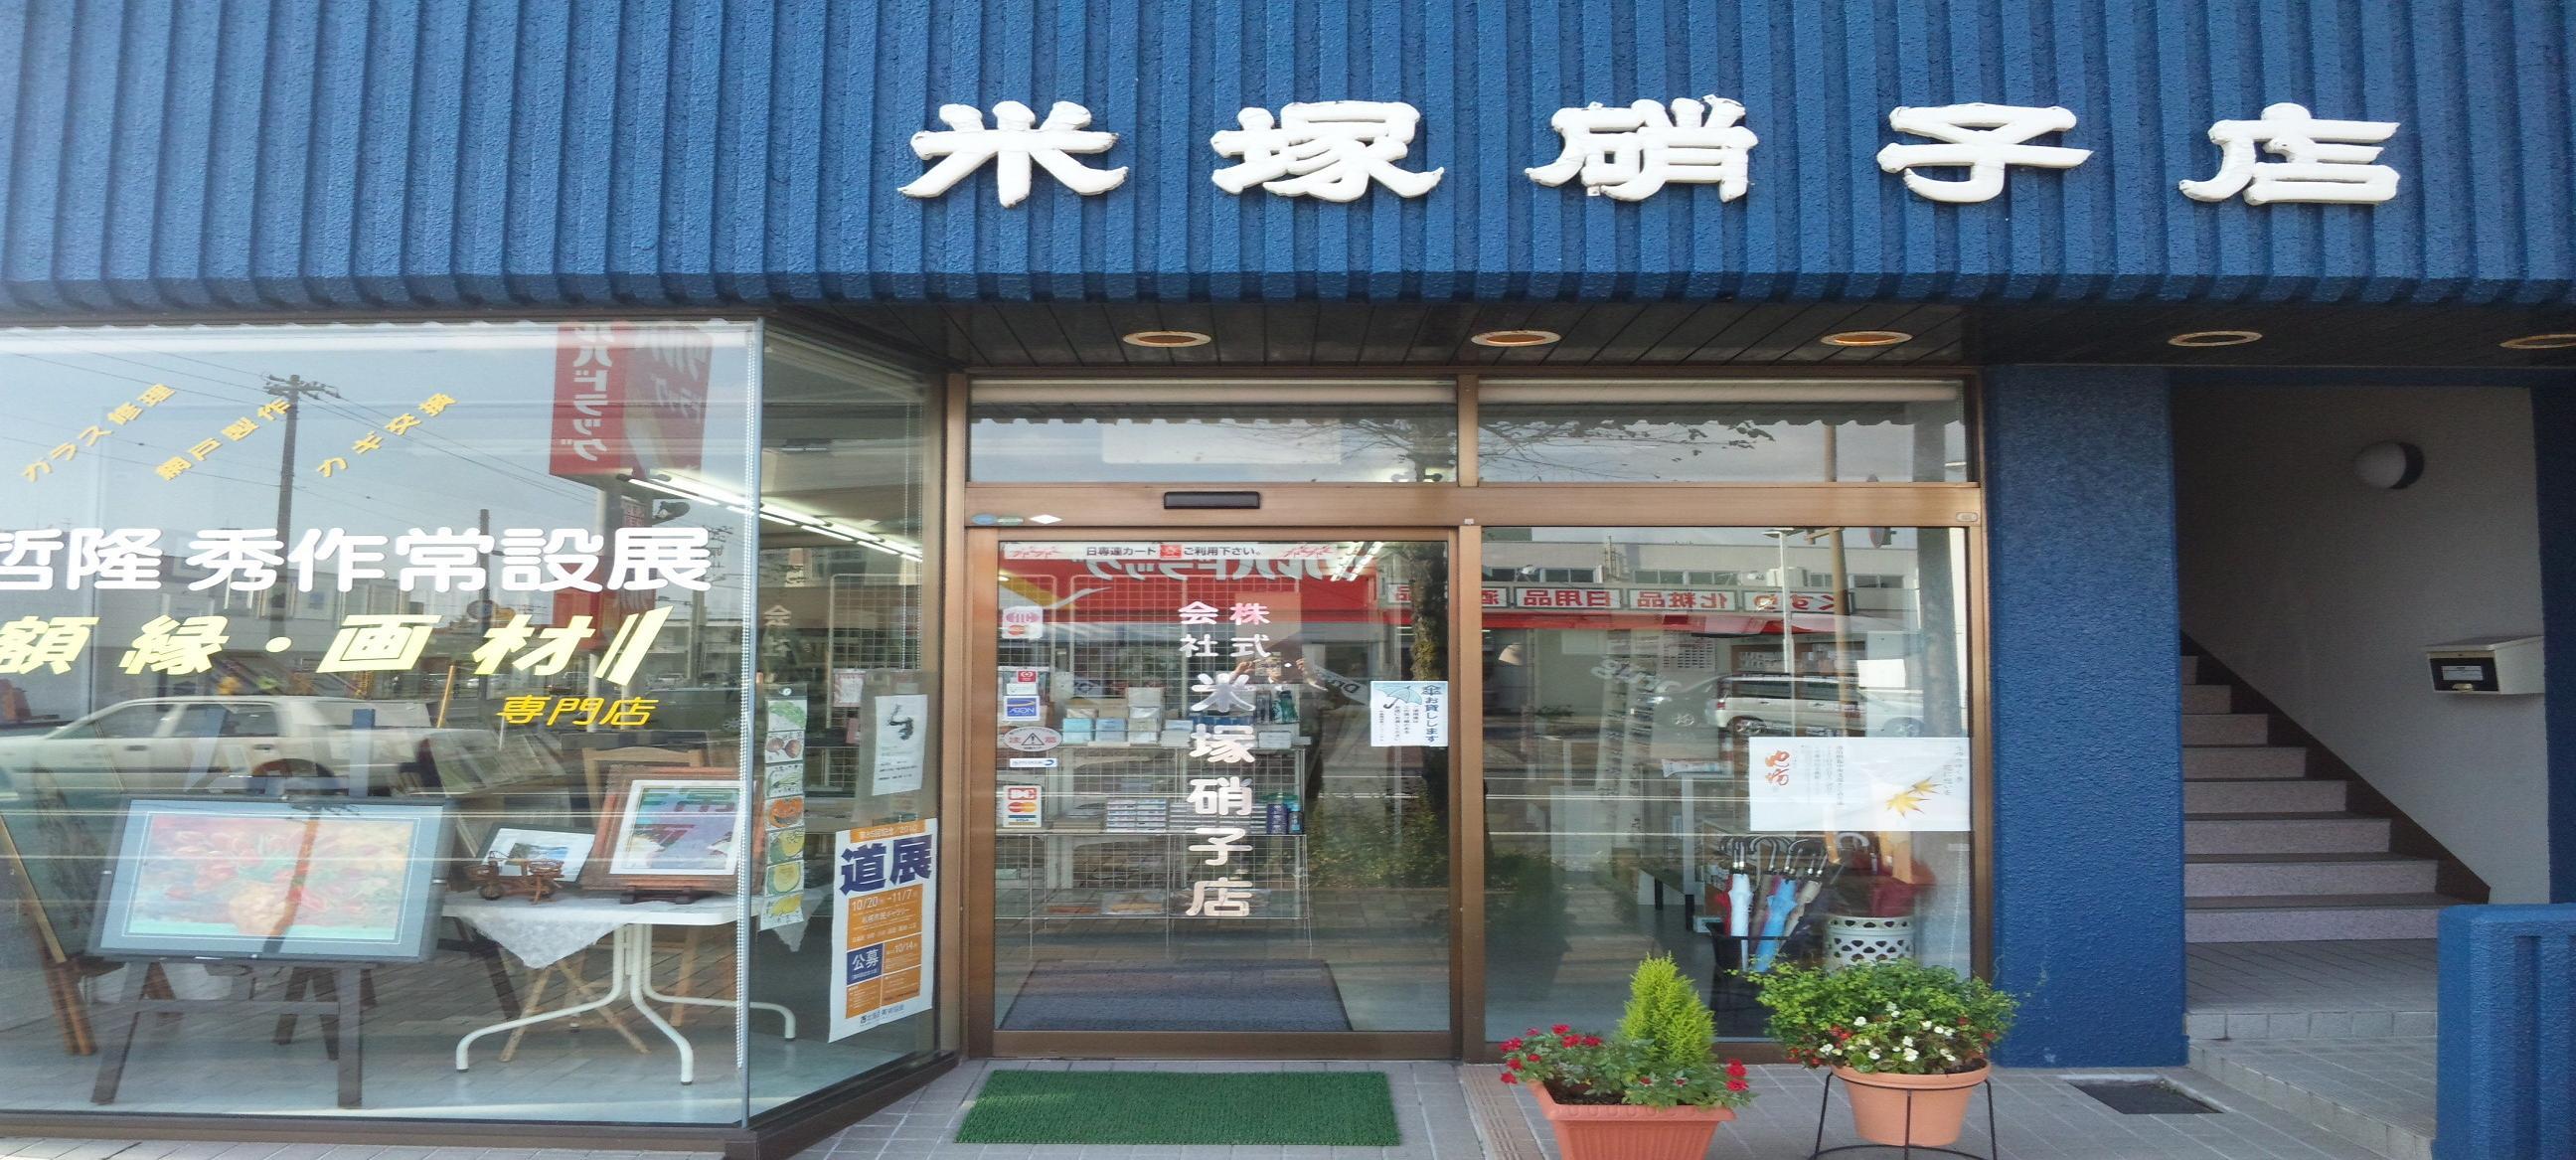 米塚硝子店